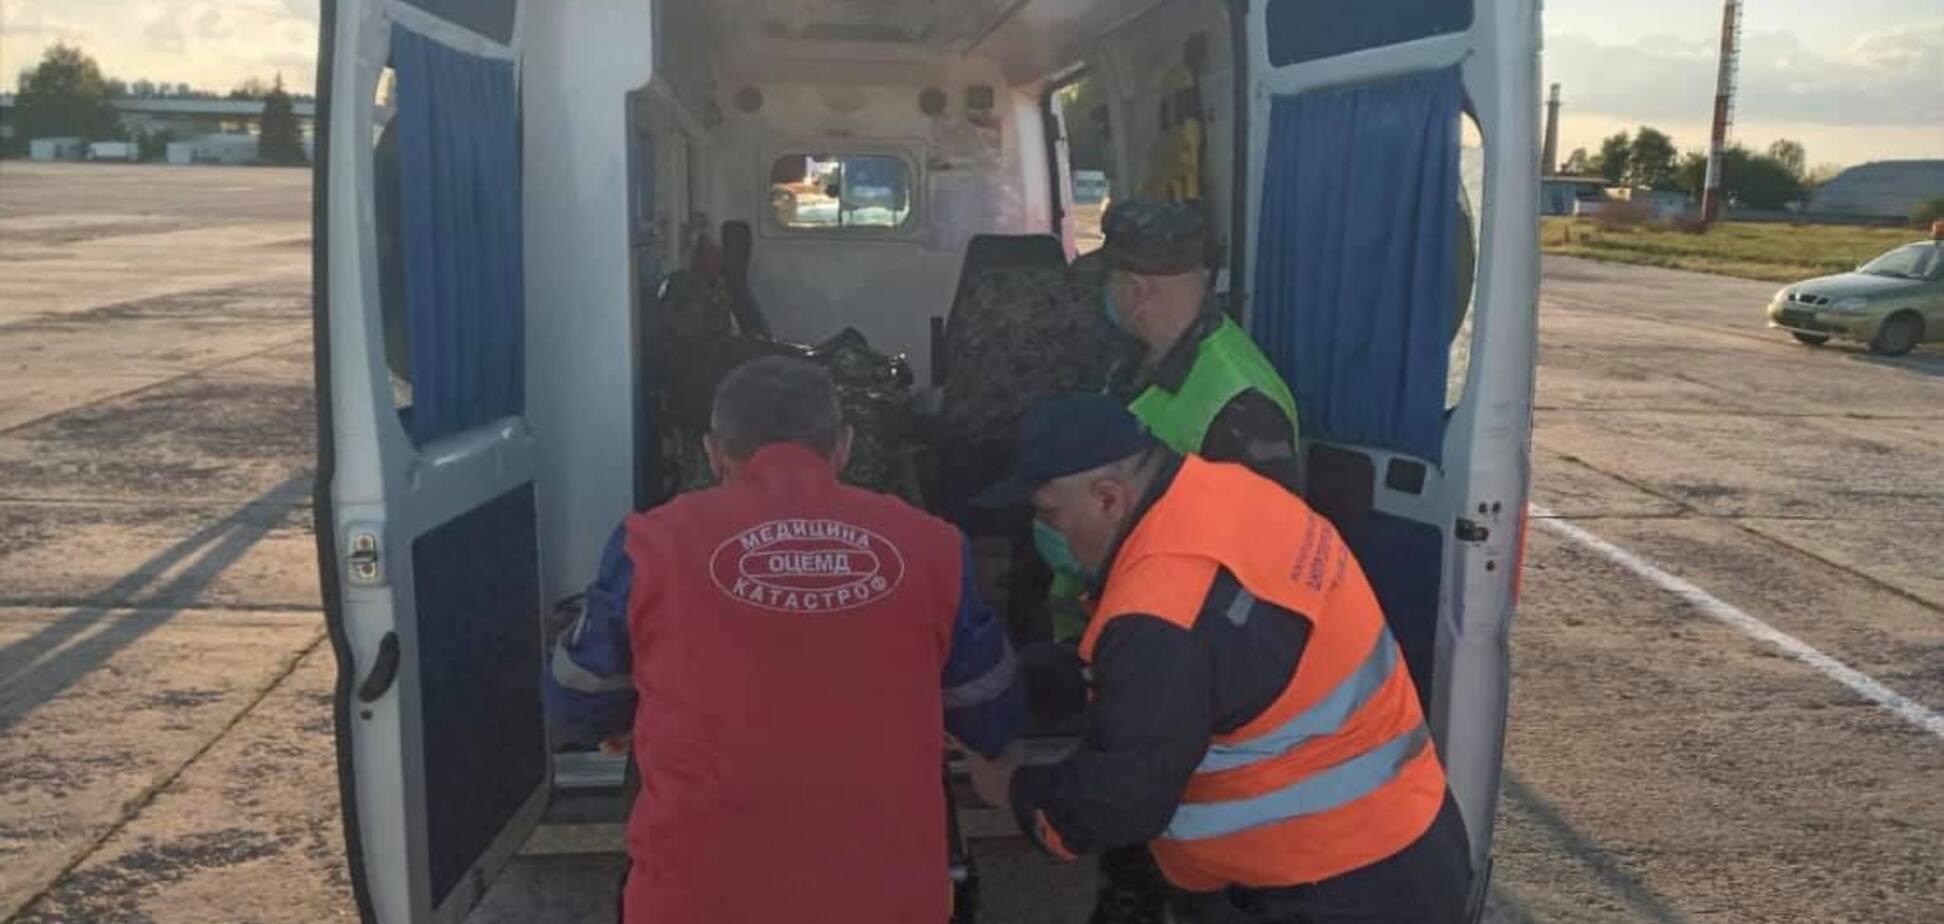 Бойца доставили в больницу Мечникова